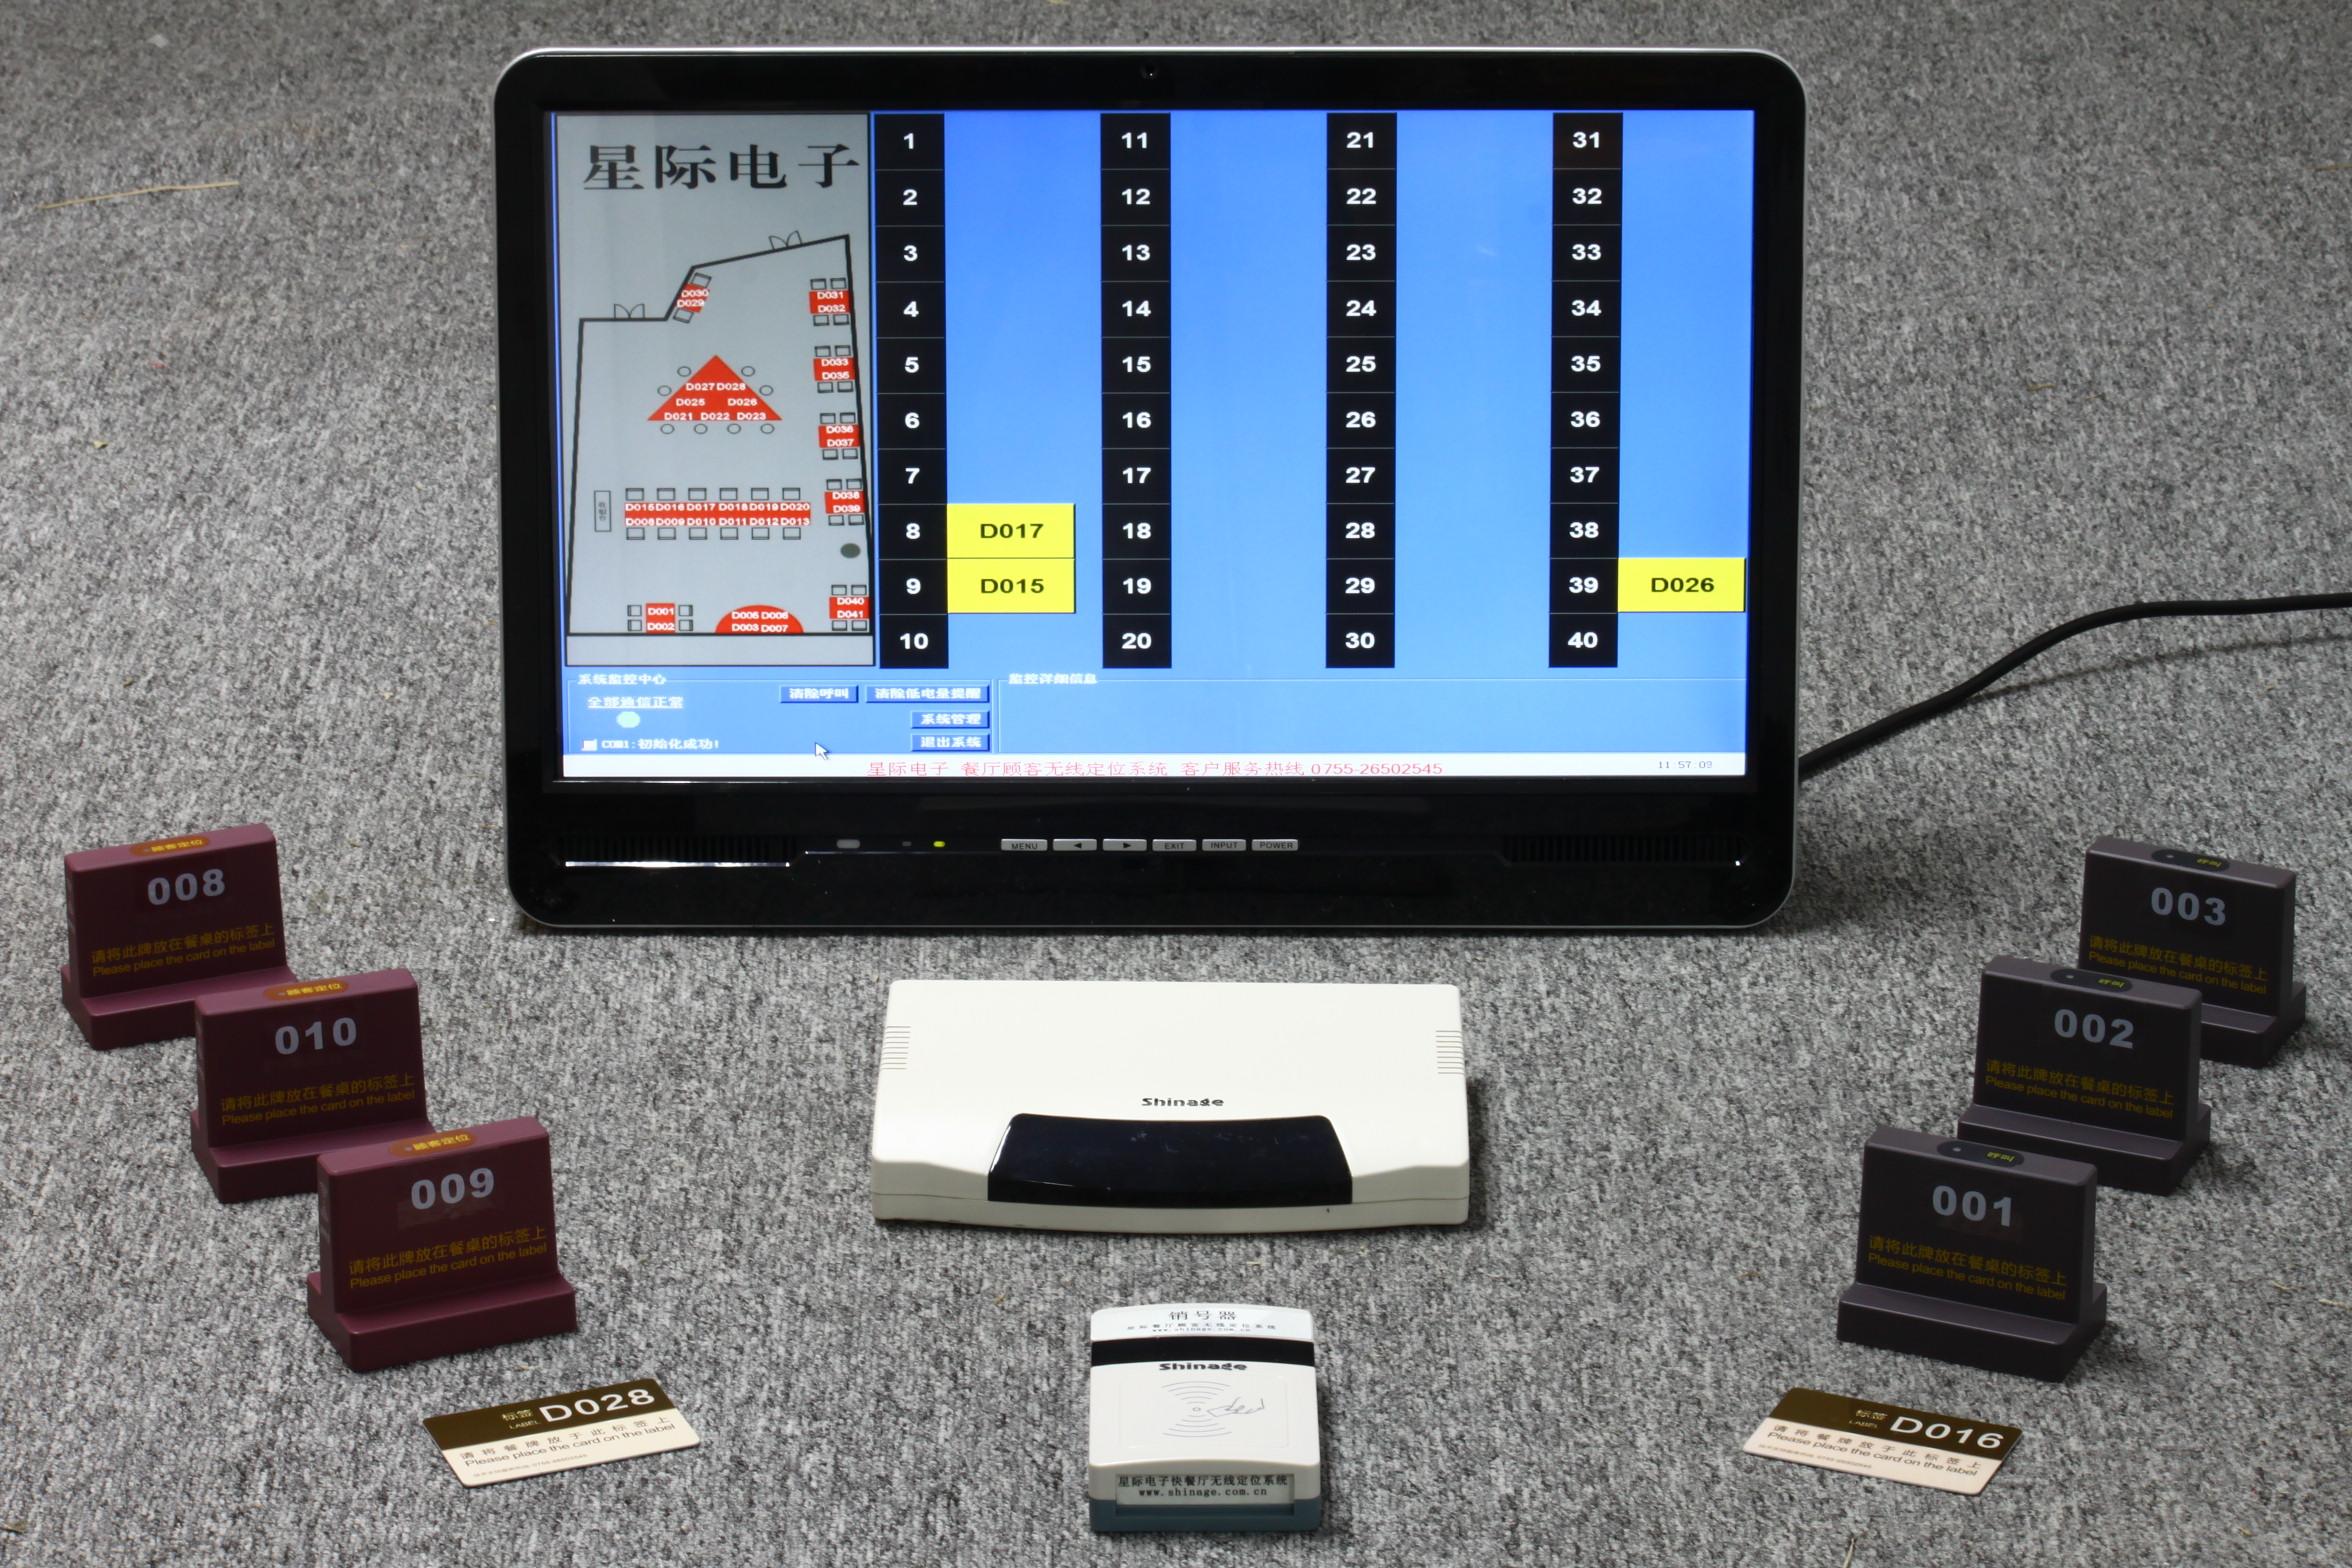 餐厅顾客定位系统 餐桌定位系统 餐牌定位系统